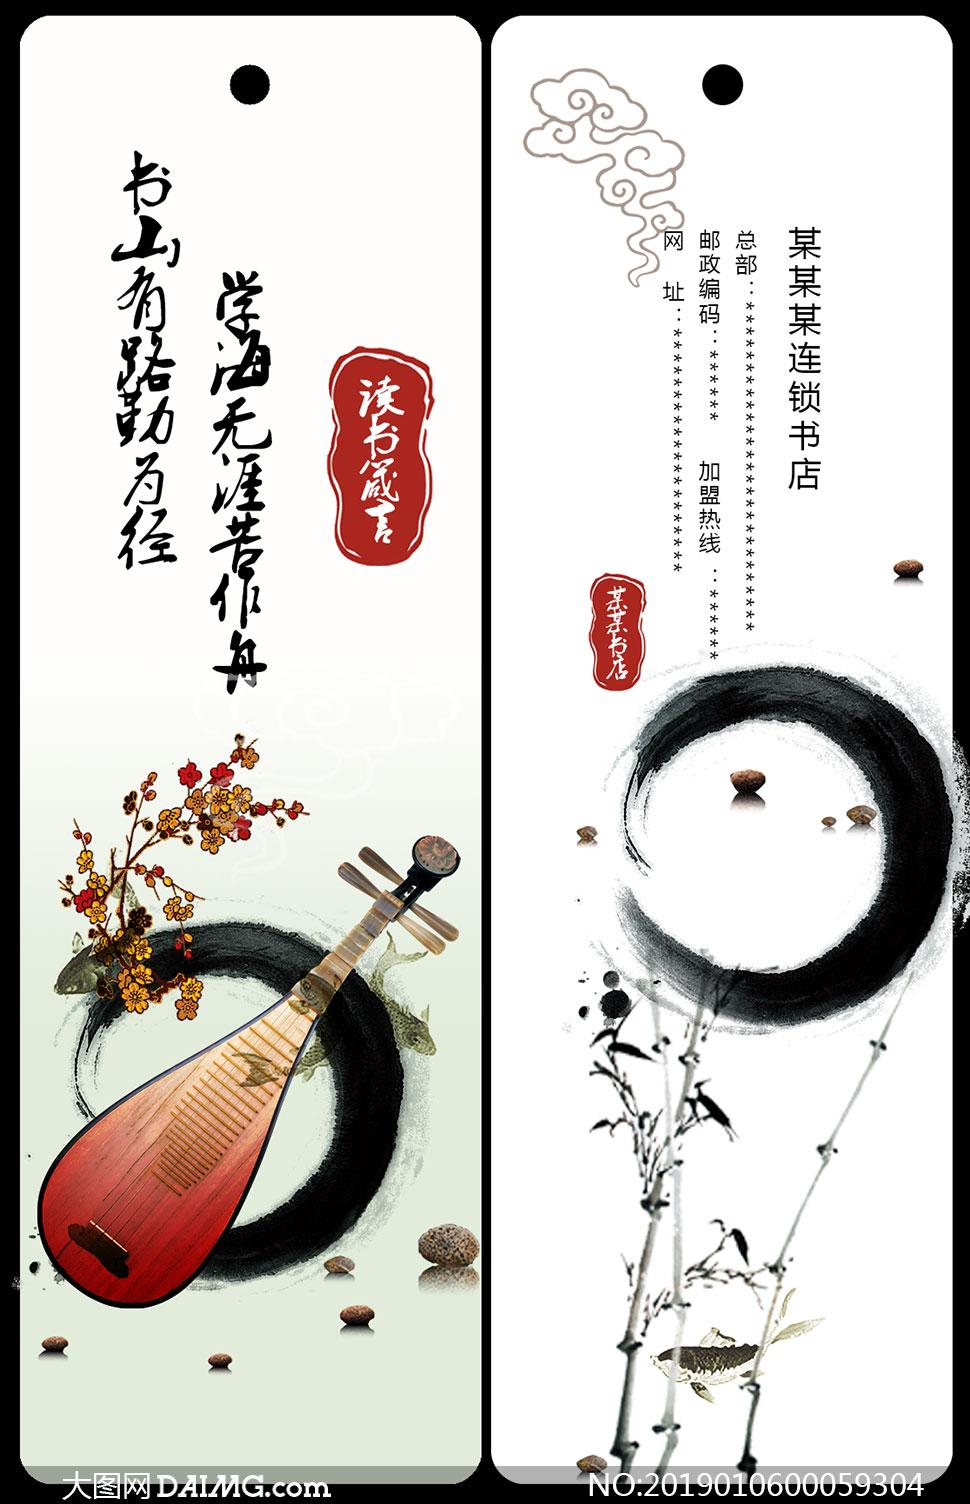 中国风水墨书签设计模板PSD素材